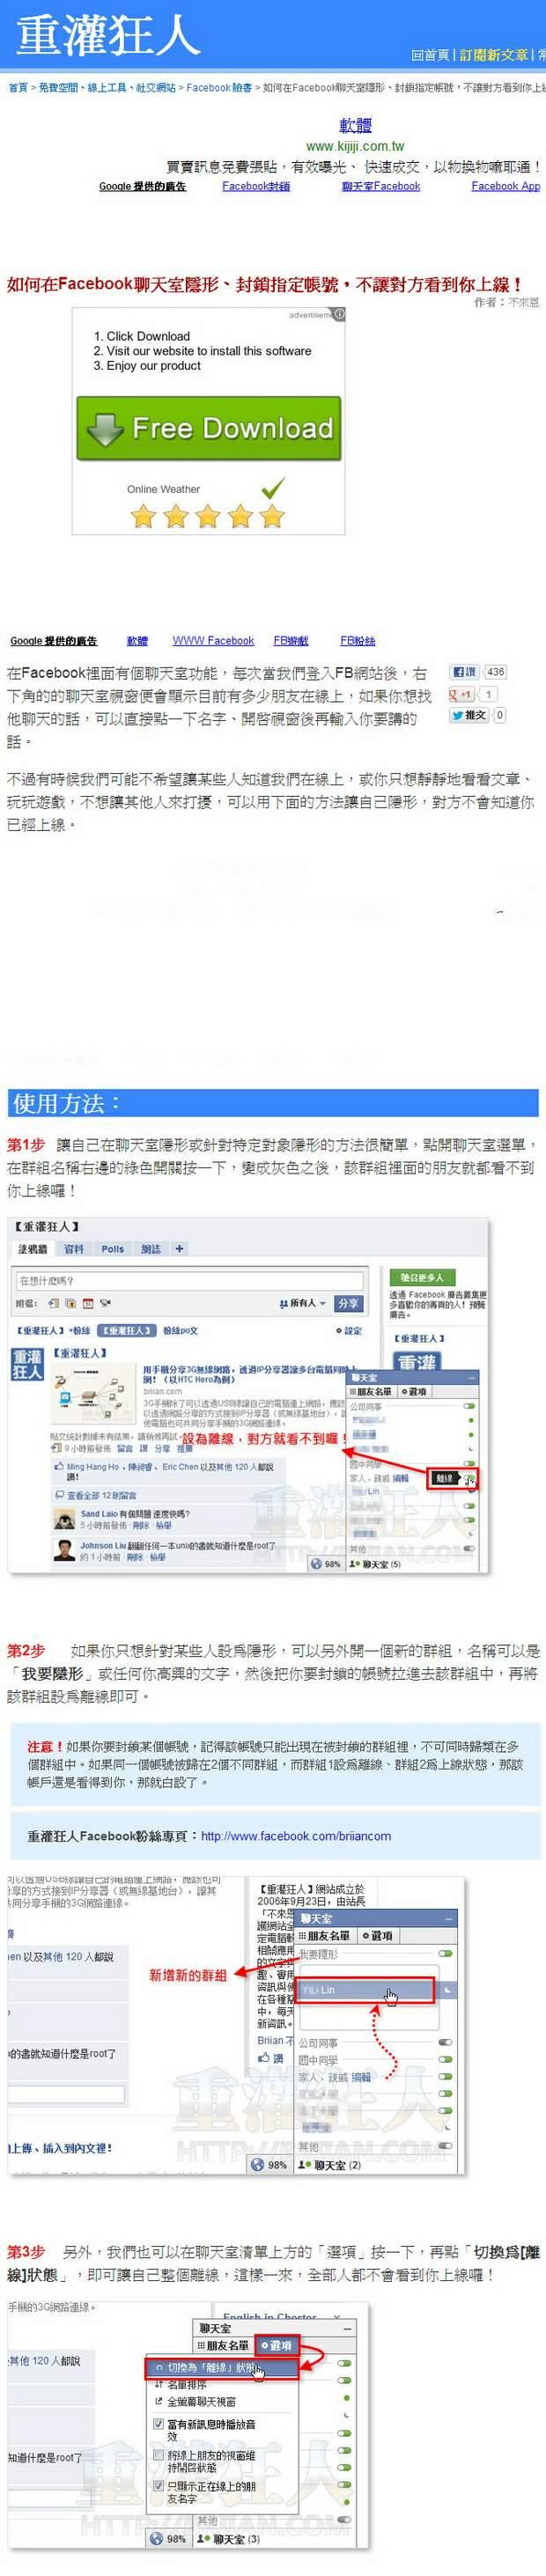 如何在Facebook聊天室隱形、封鎖指定帳號,不讓對方看到你上線!